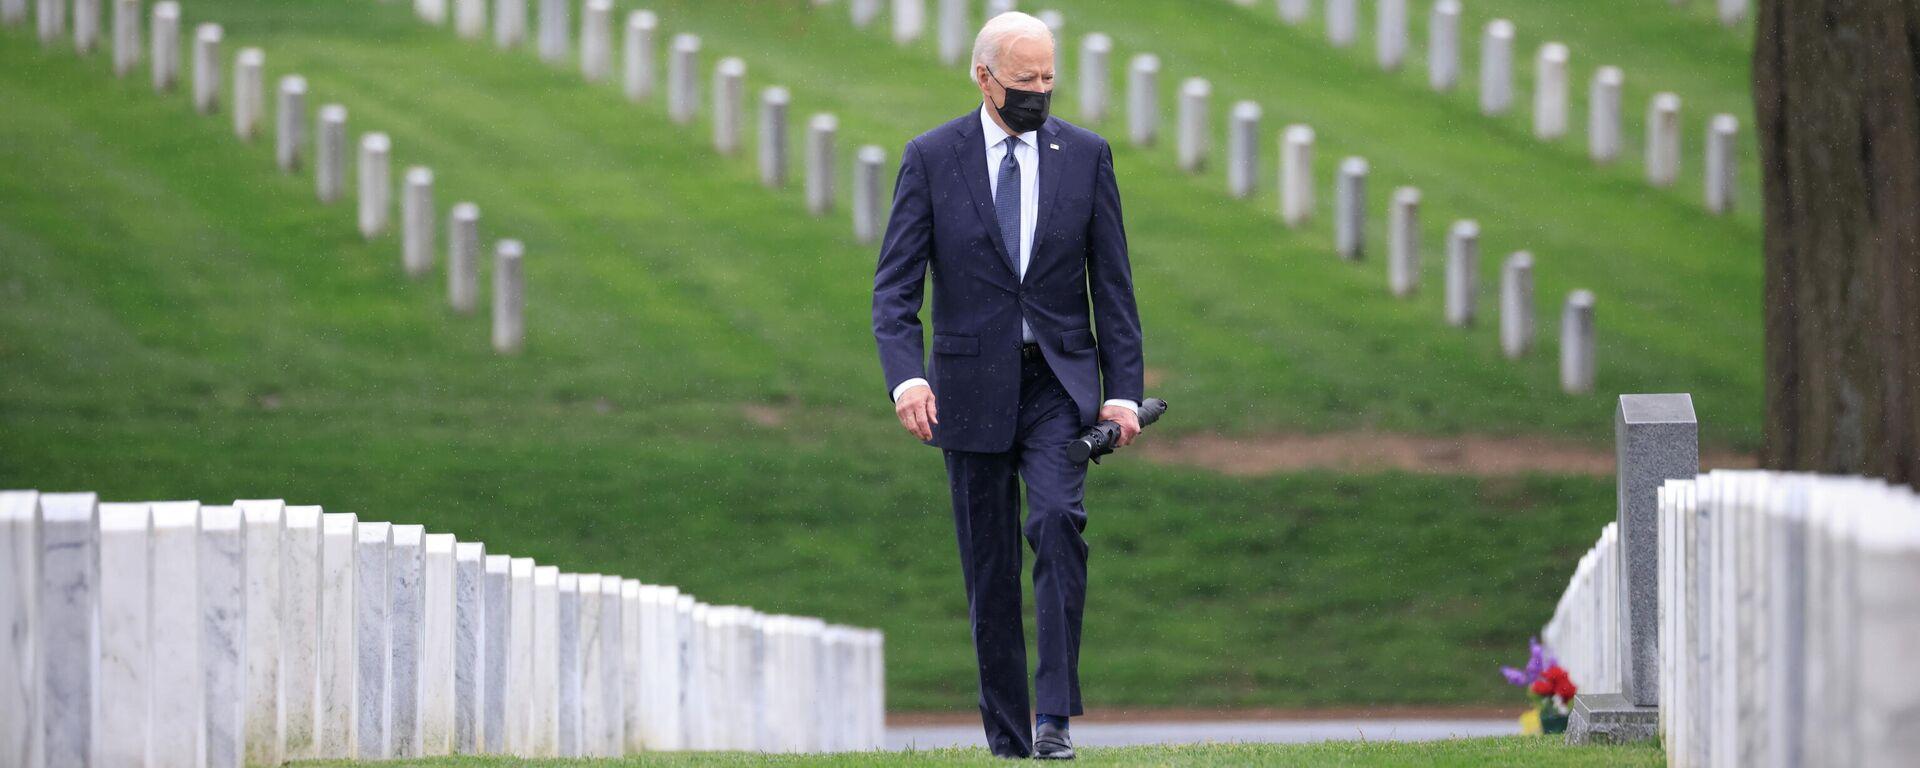 US-Präsident Joe Biden bei der Kranzniederlegung auf dem Militärfriedhof in Arlington - SNA, 1920, 19.04.2021